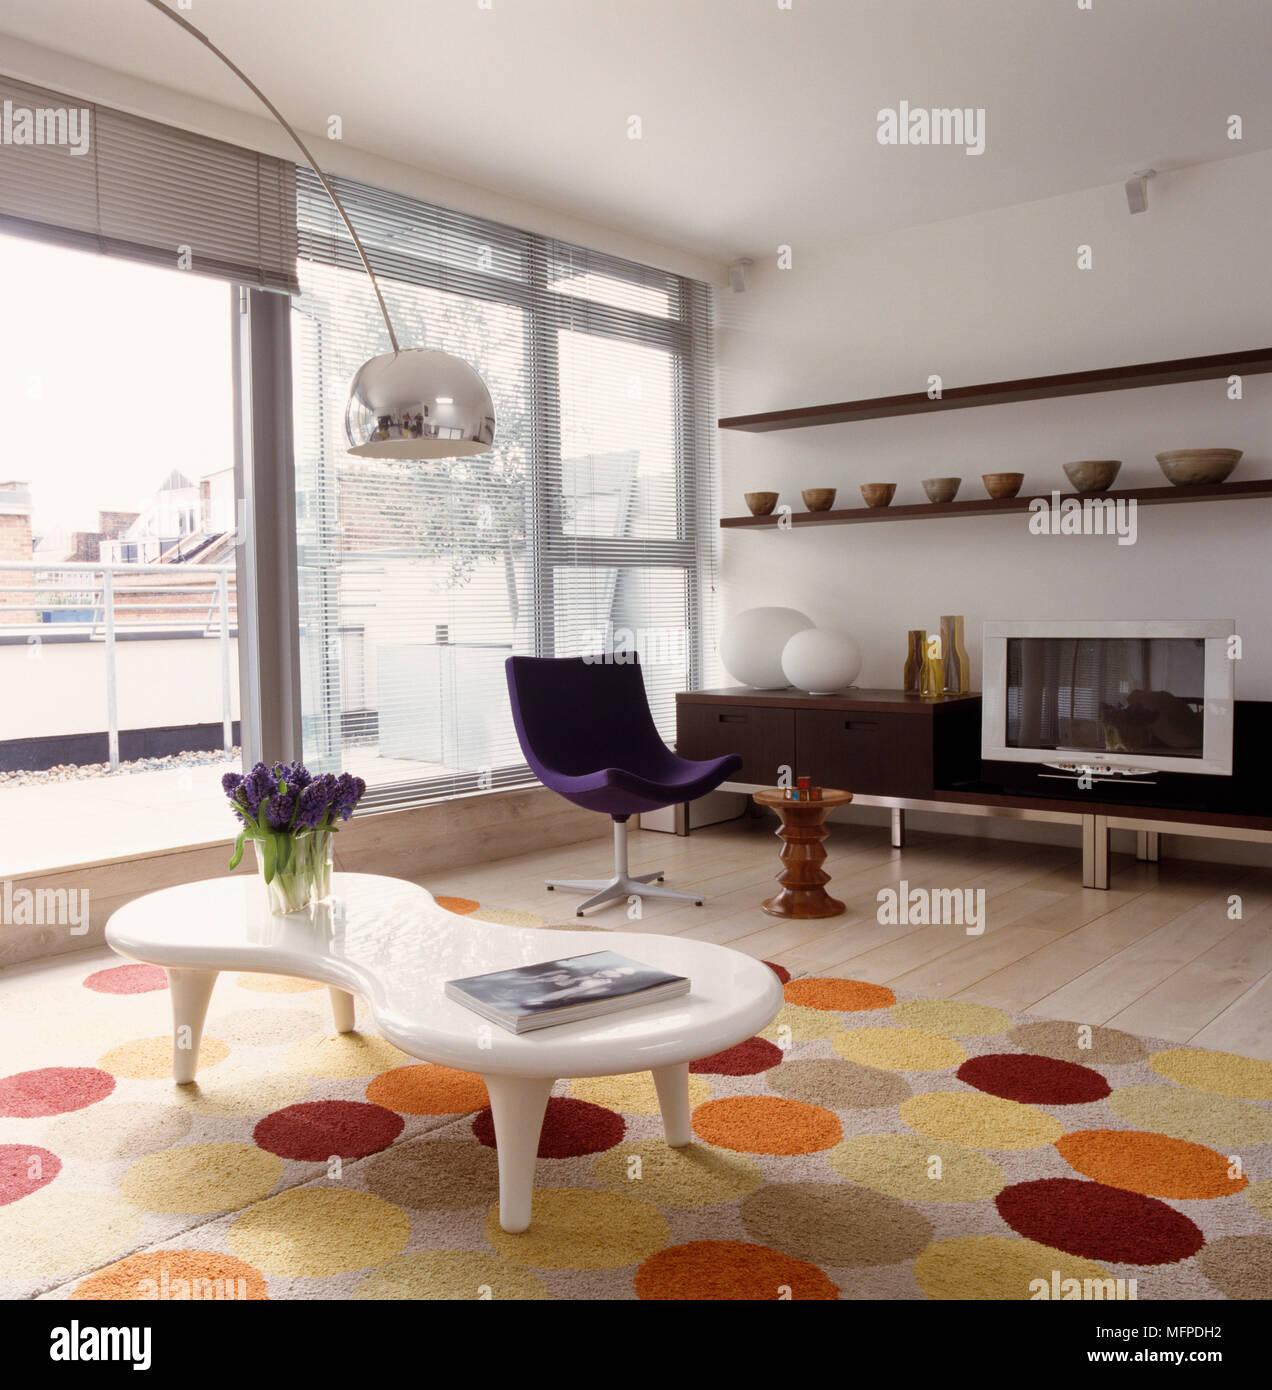 Designer Möbel im Wohnzimmer, ein Eames Nussbaum Hocker ...